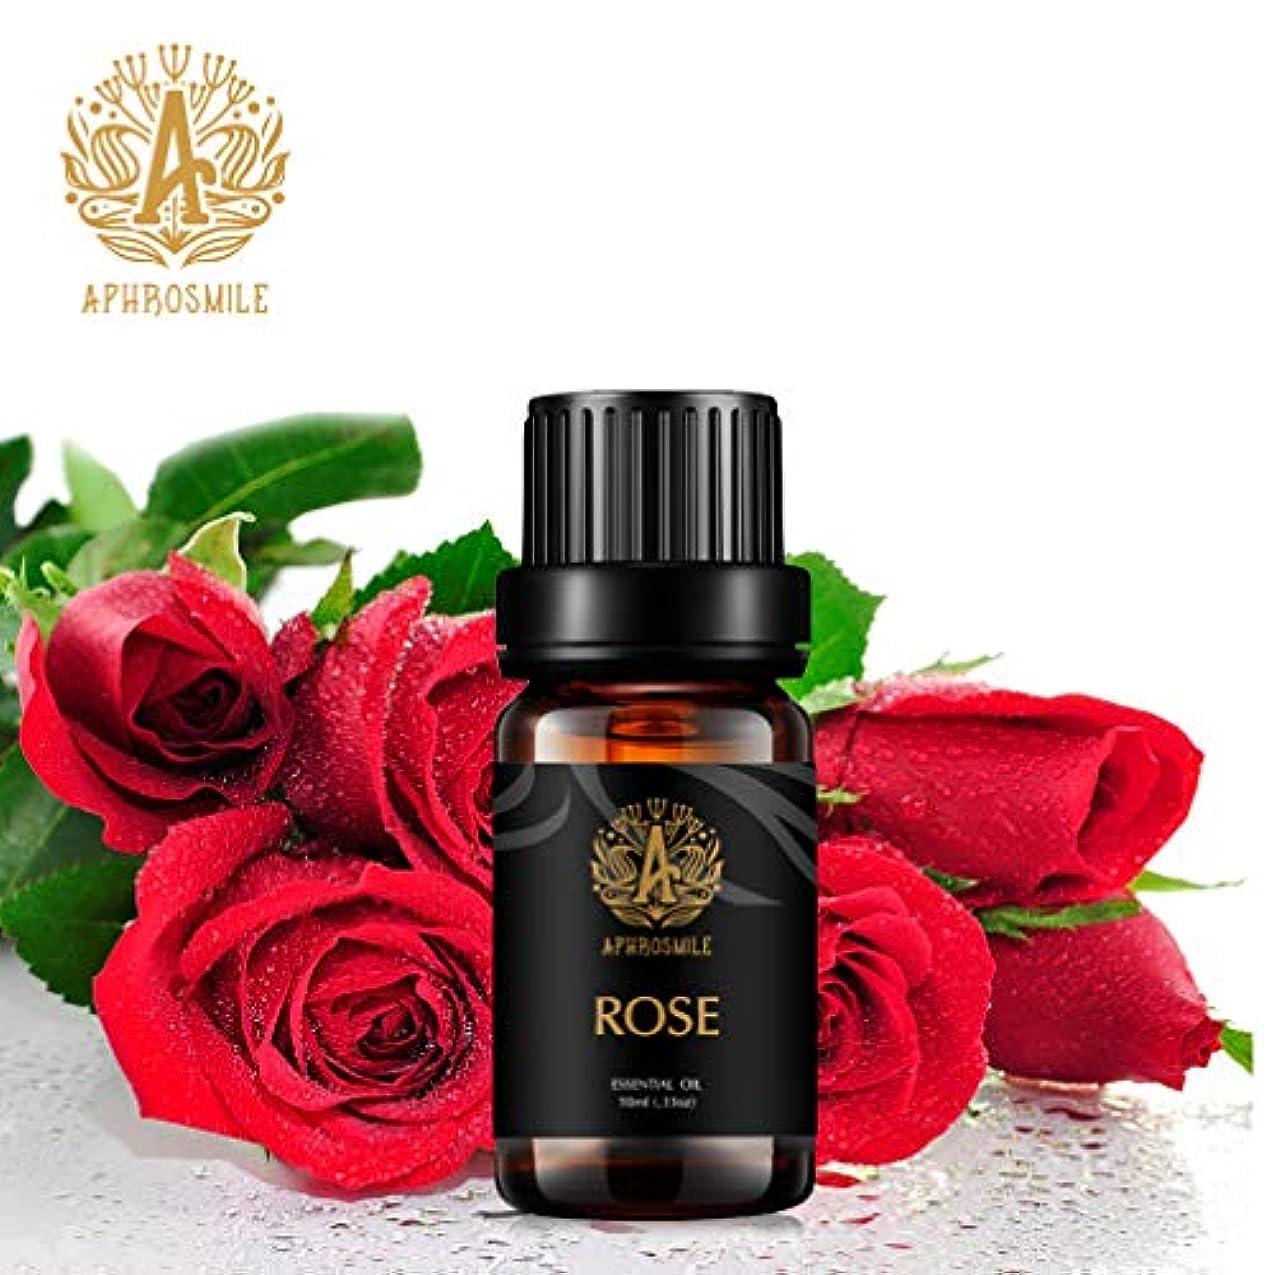 目を覚ます飾り羽困ったローズエッセンシャルオイル、100%ピュアアロマセラピーエッセンシャルオイルローズの香り、肌に栄養を与え、治療用グレードエッセンシャルオイルローズの香り、為にディフューザー、マッサージ、加湿器、デイリーケア、0.33オンス...